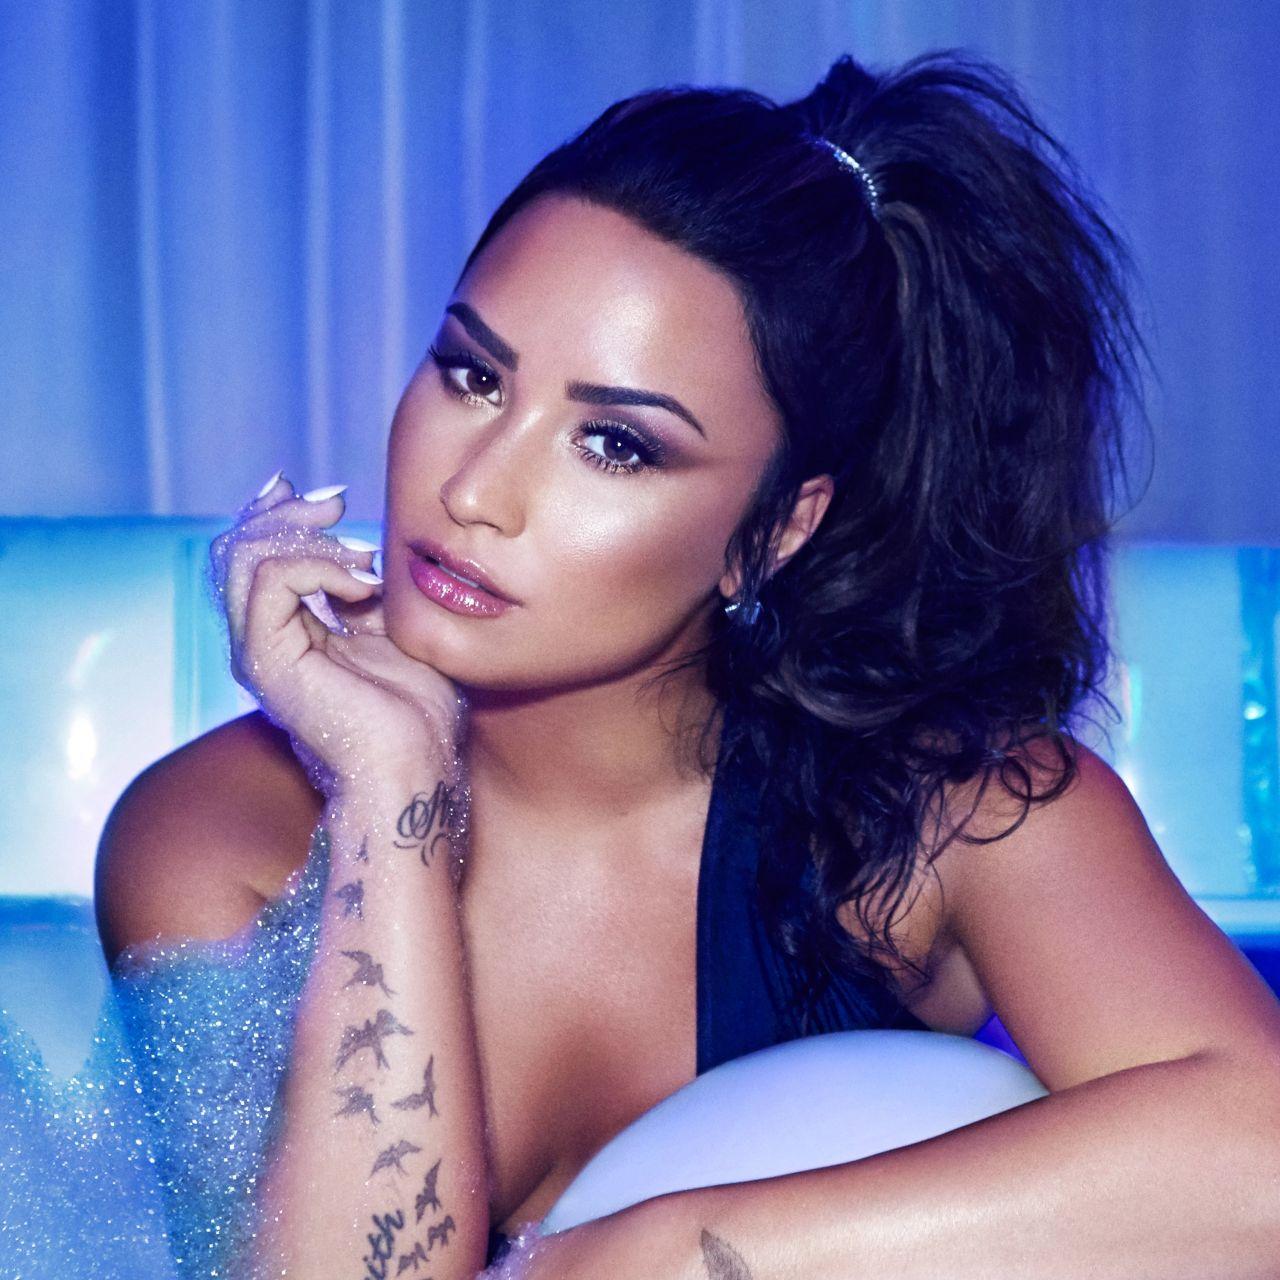 Demi Lovato Wallpaper: Demi Lovato Photo 4318 Of 4327 Pics, Wallpaper